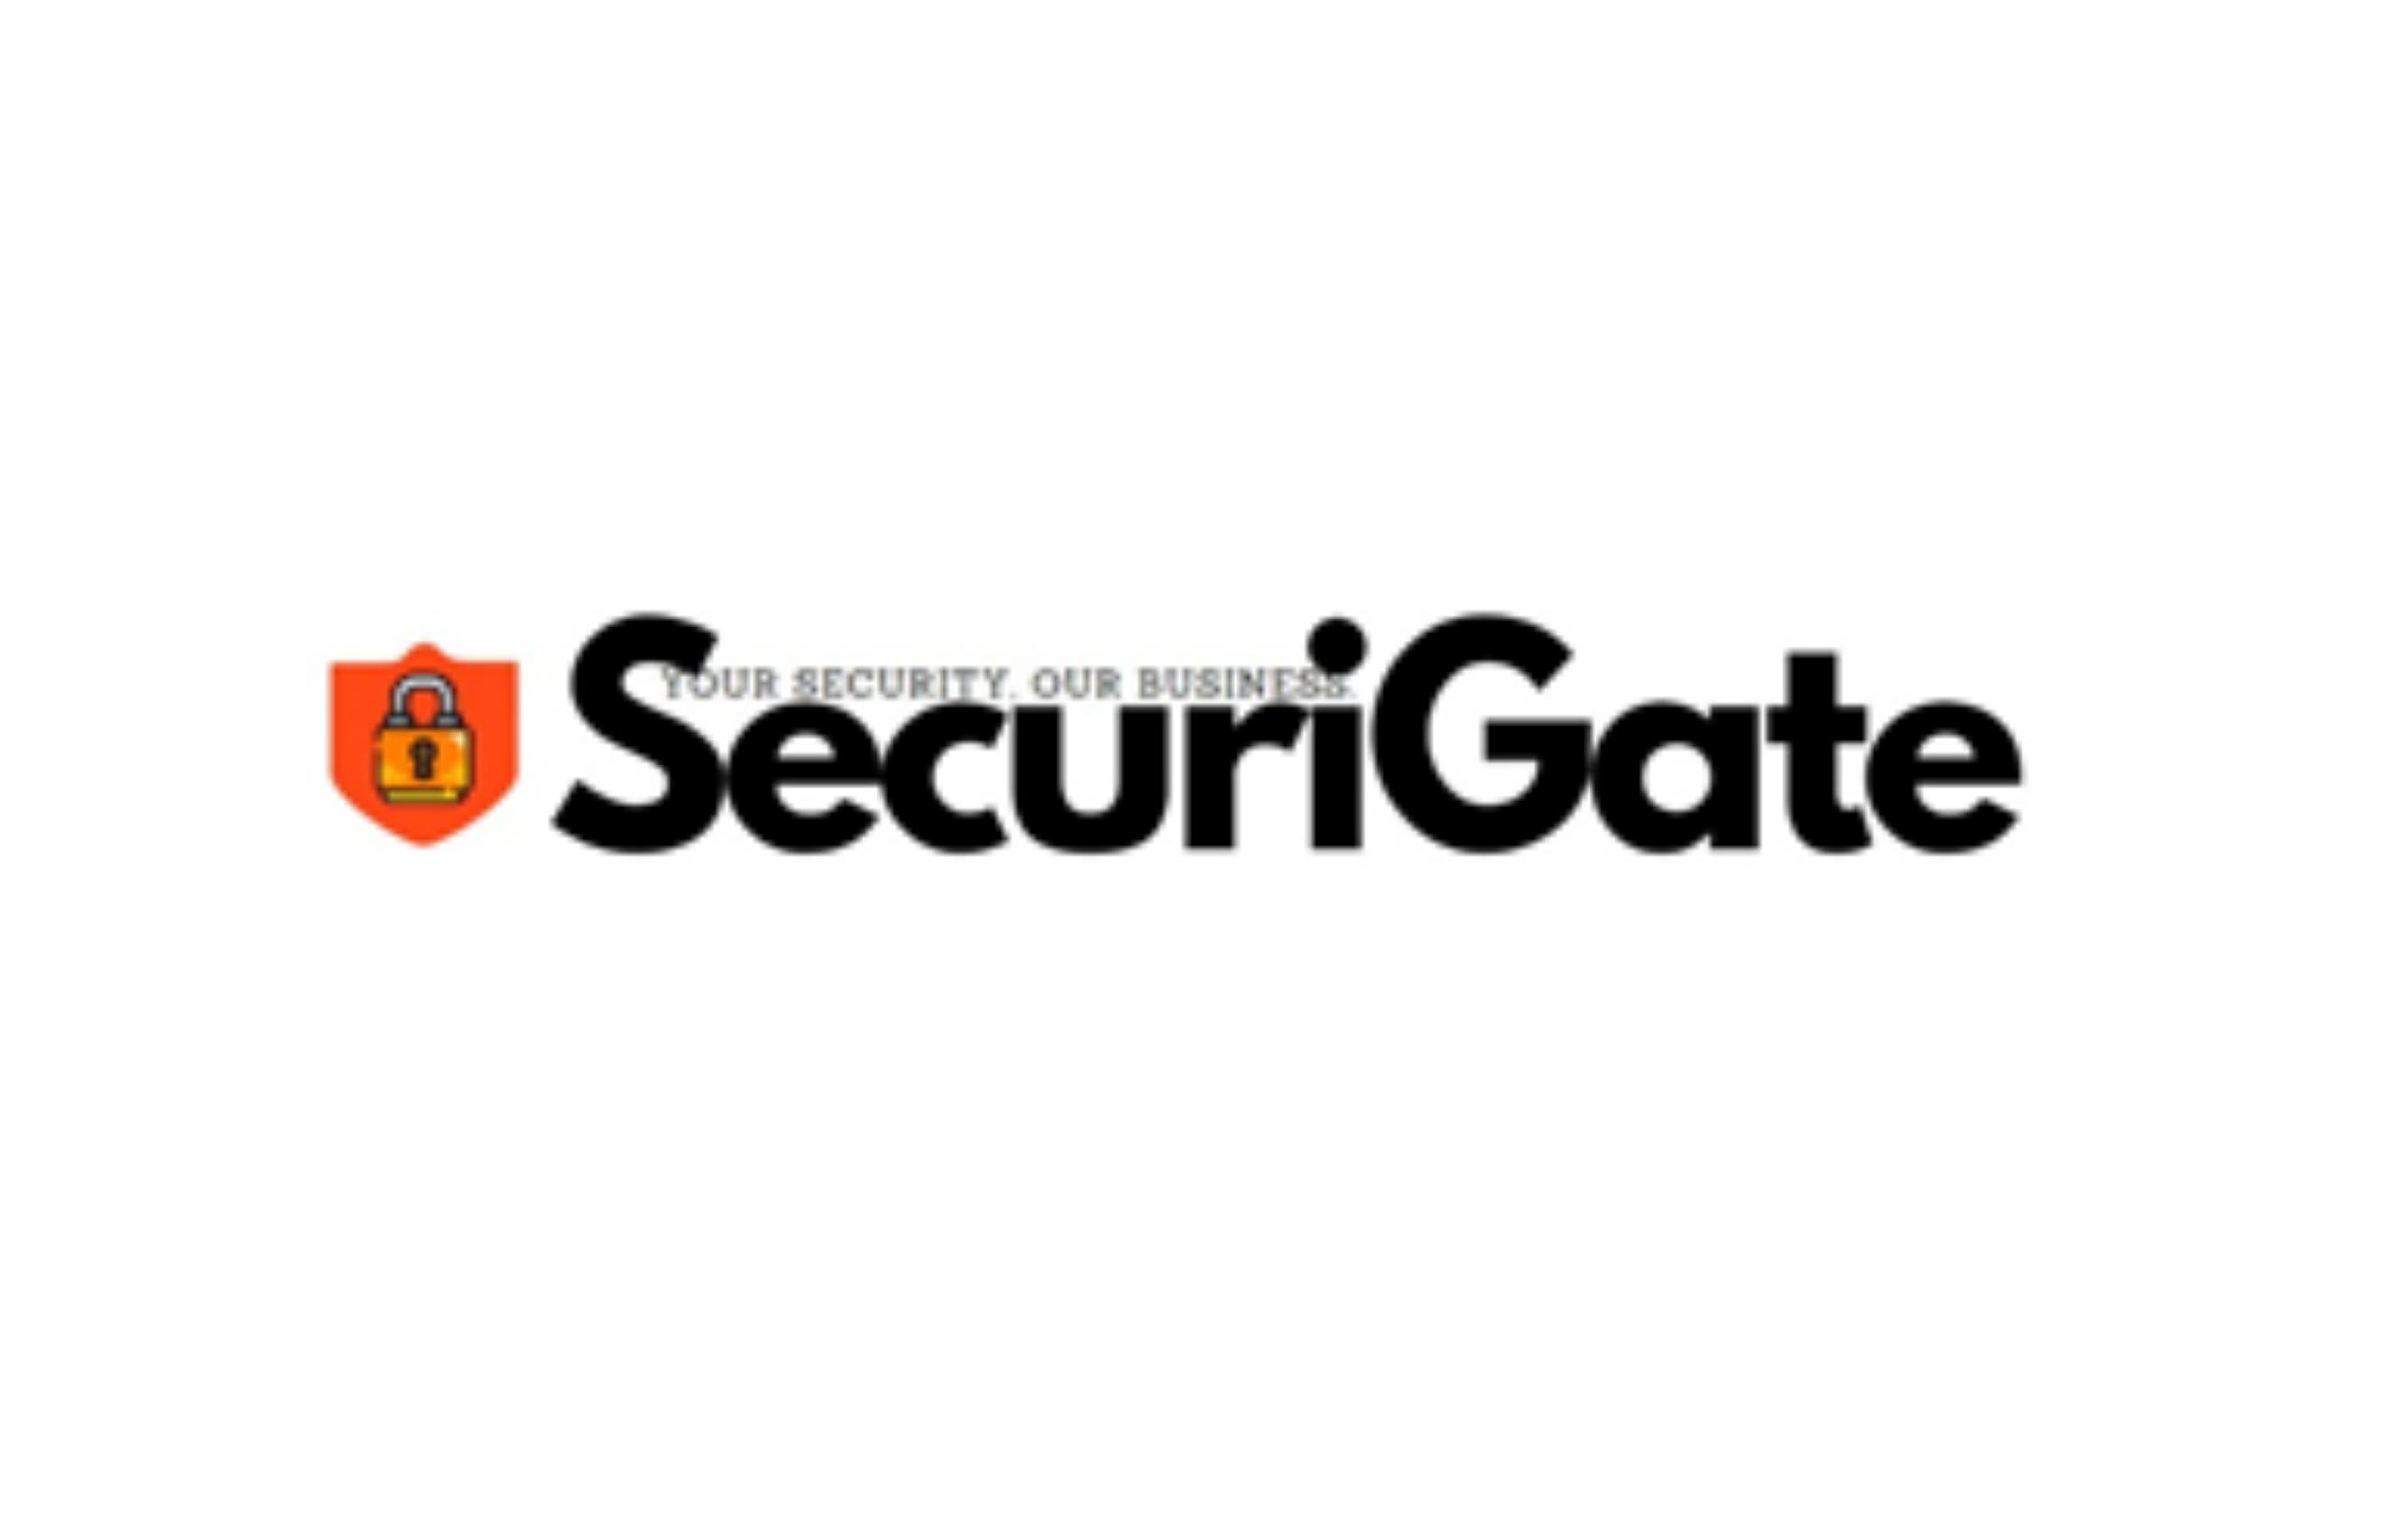 Securigate